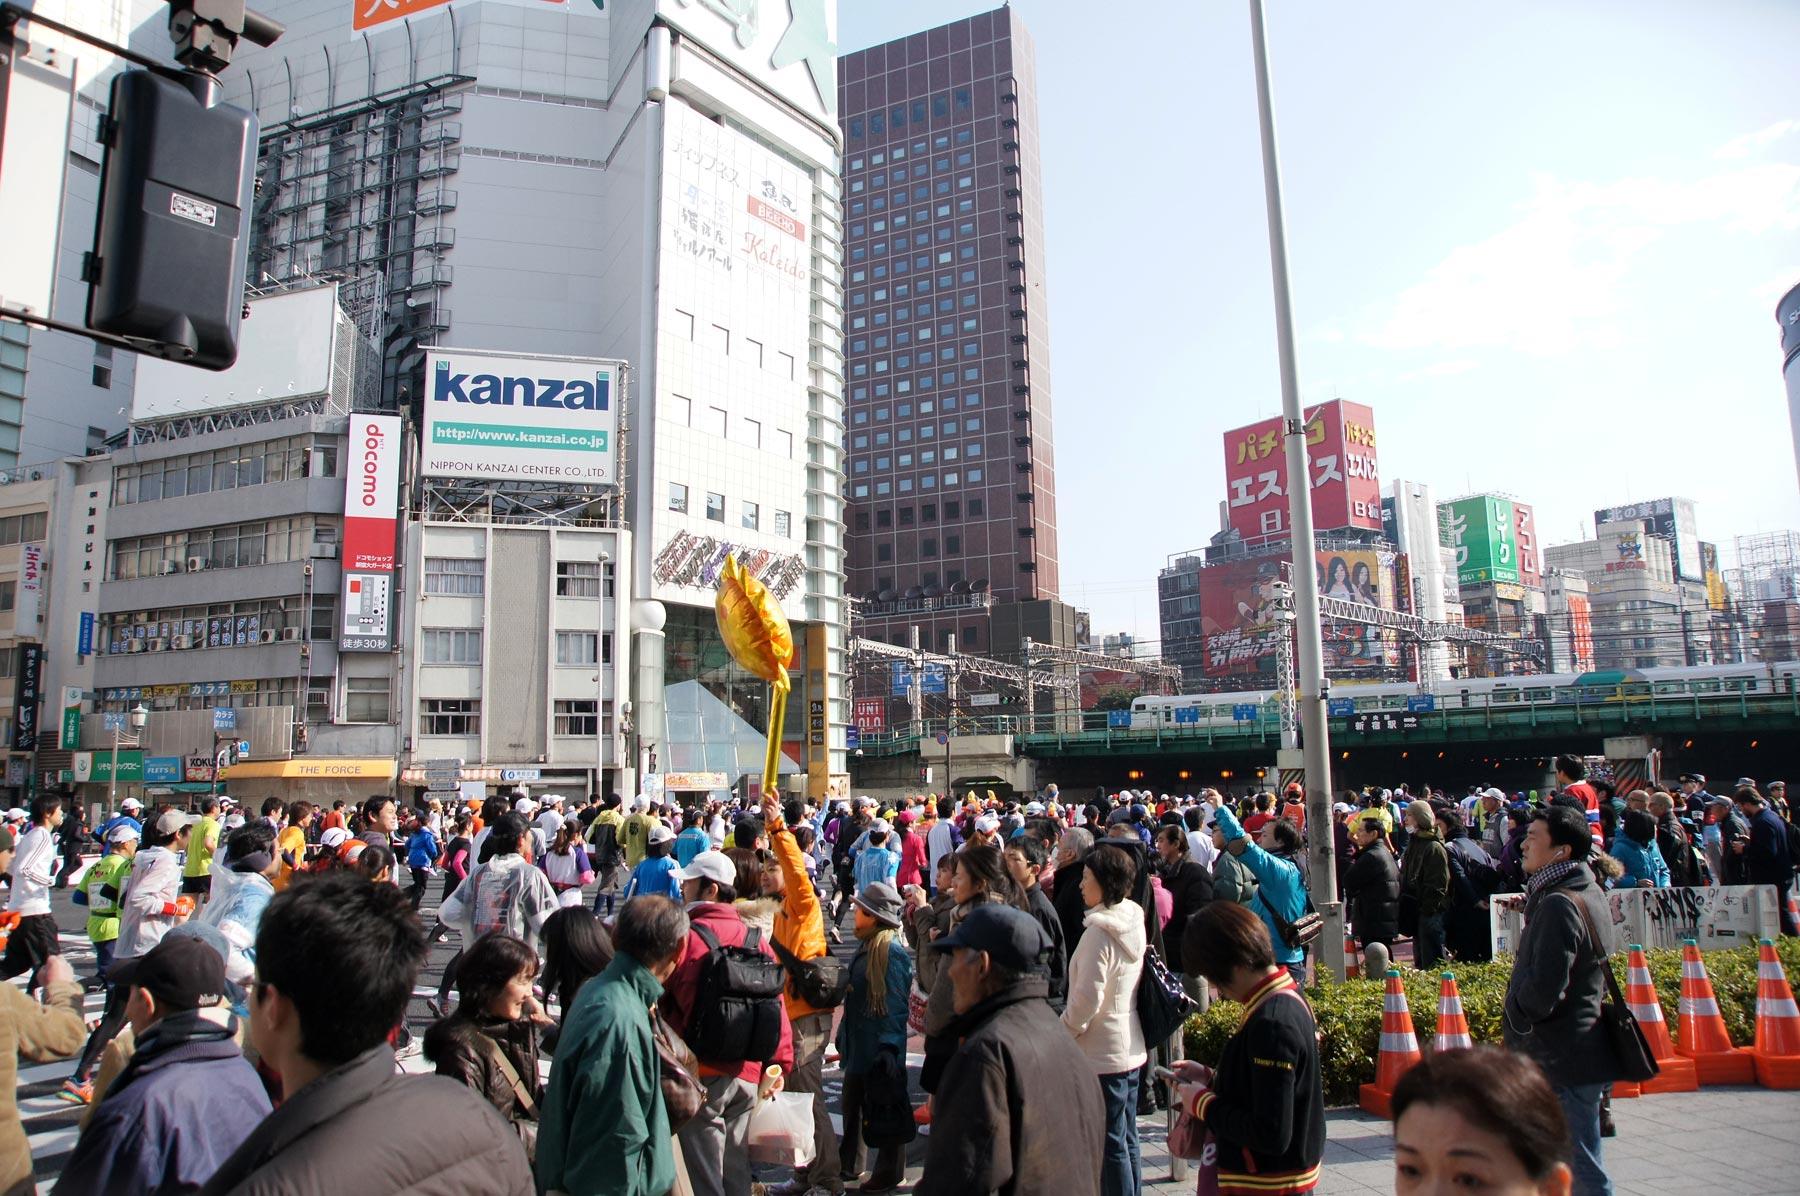 歌舞伎町 東京マラソン_e0216133_2254667.jpg